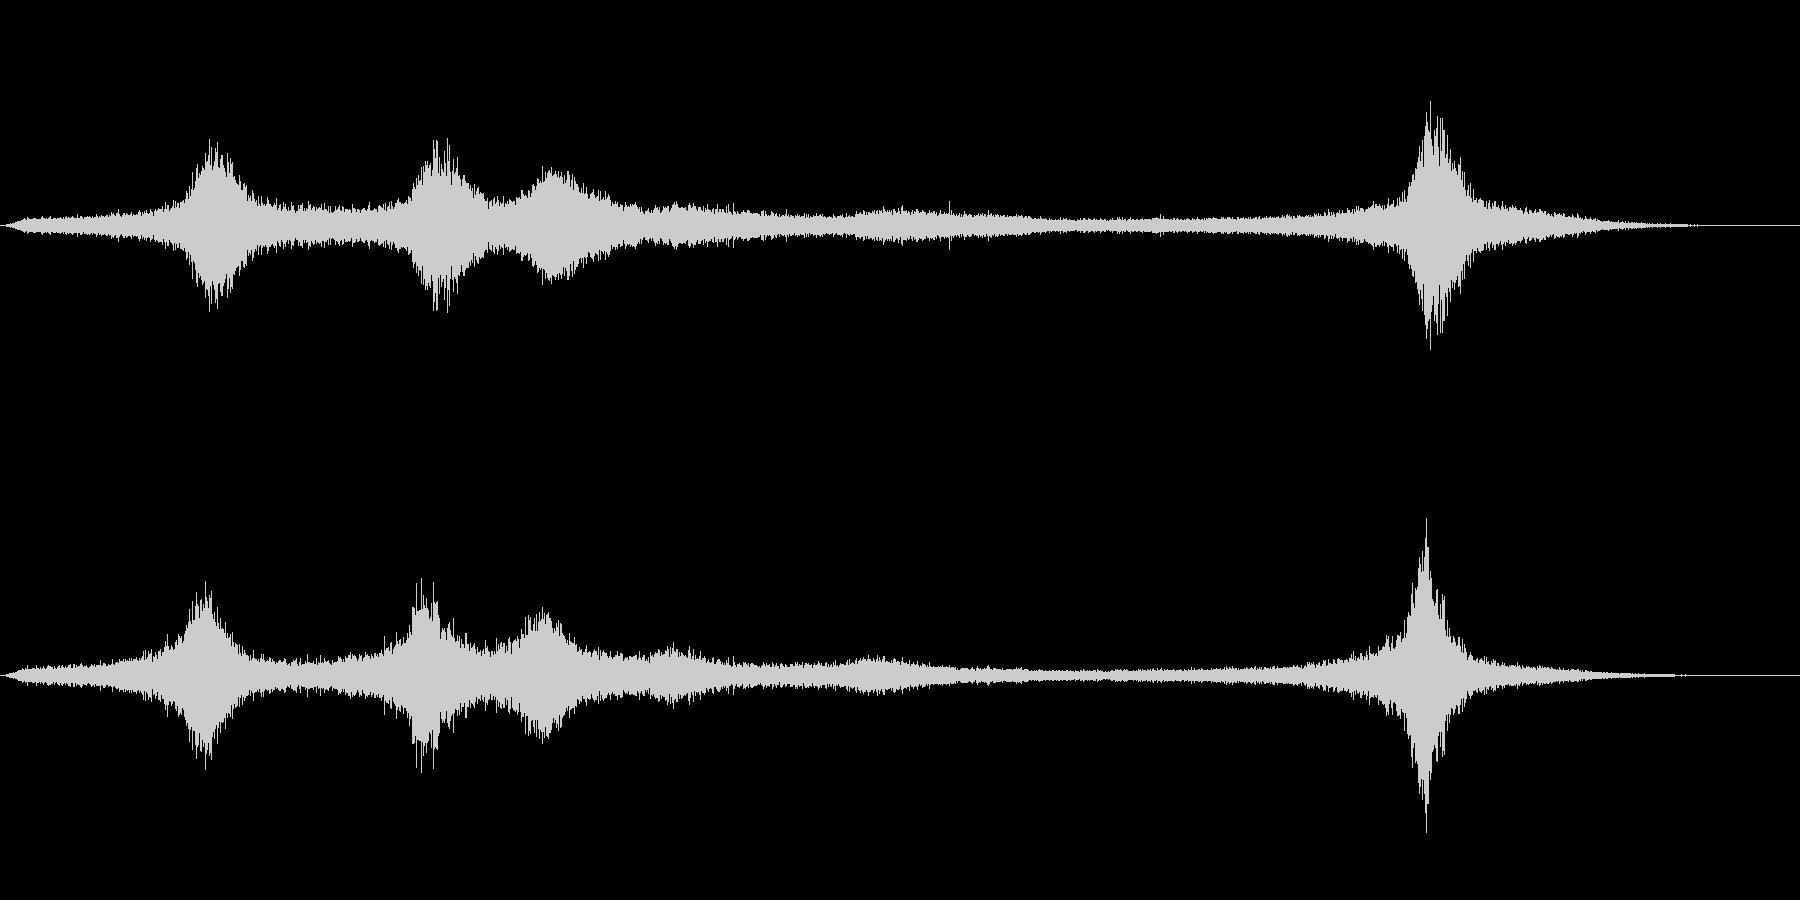 【生録音】 早朝の街 交通 環境音 24の未再生の波形